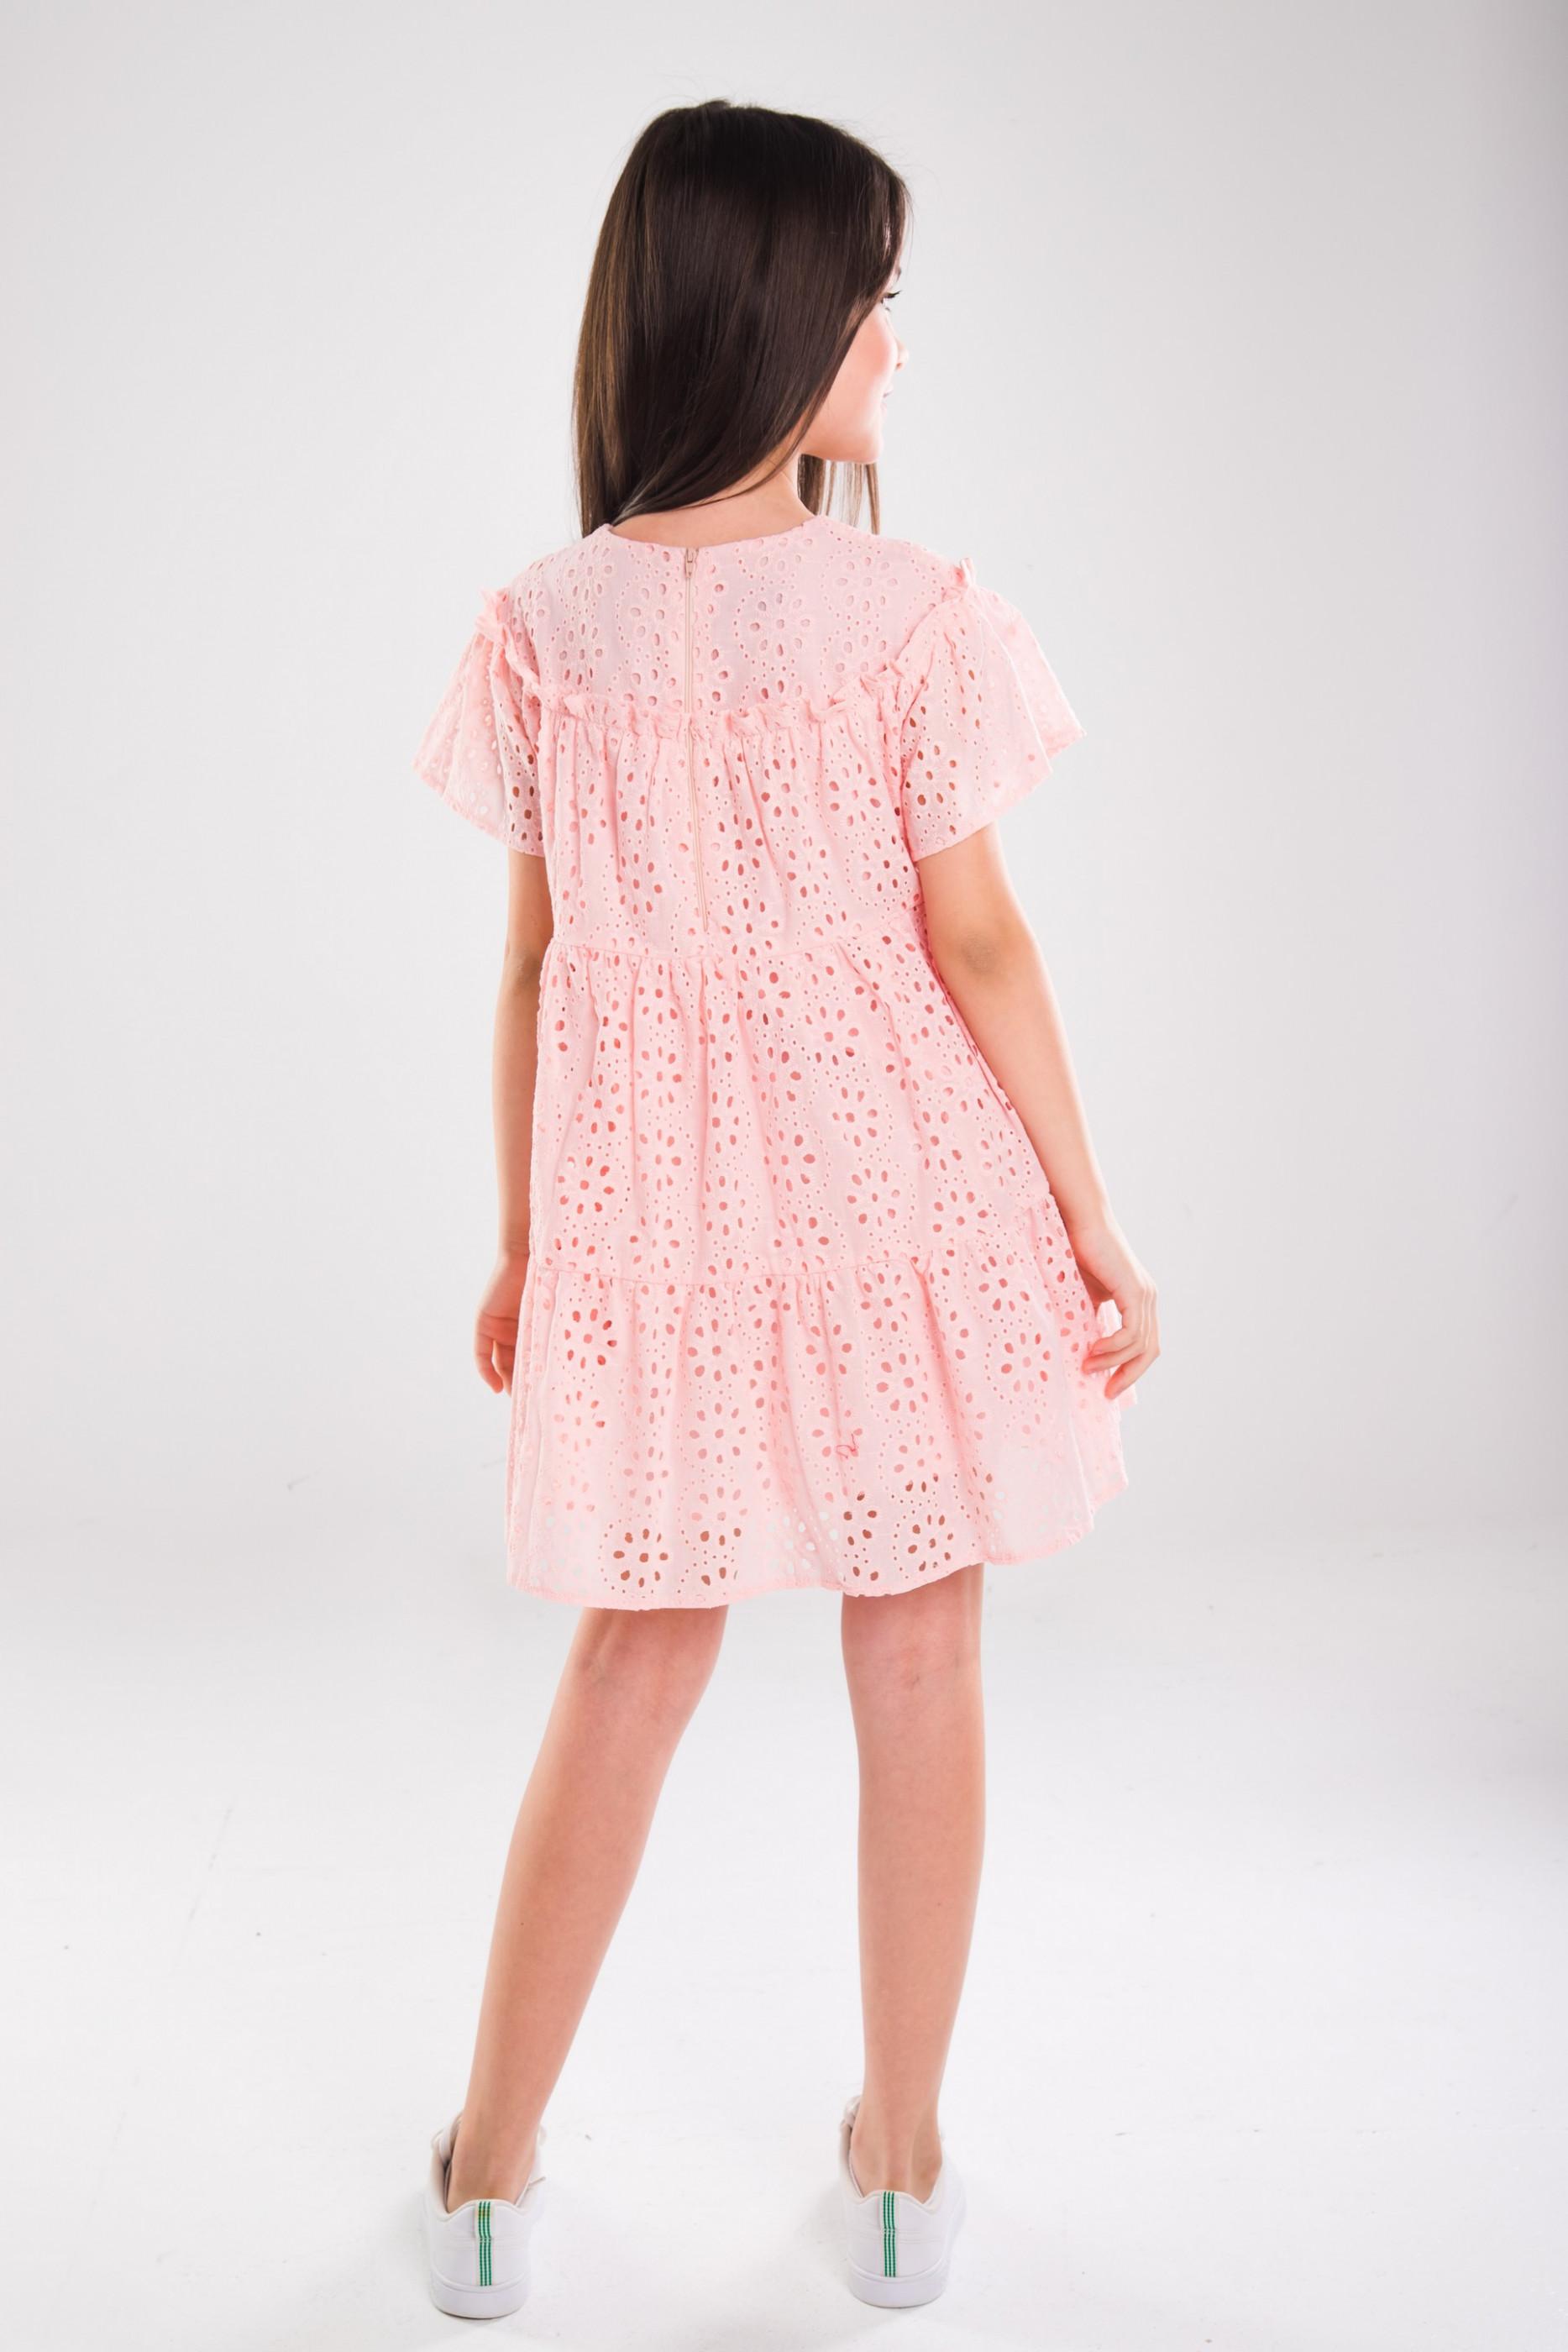 Плаття Амі, фото №6